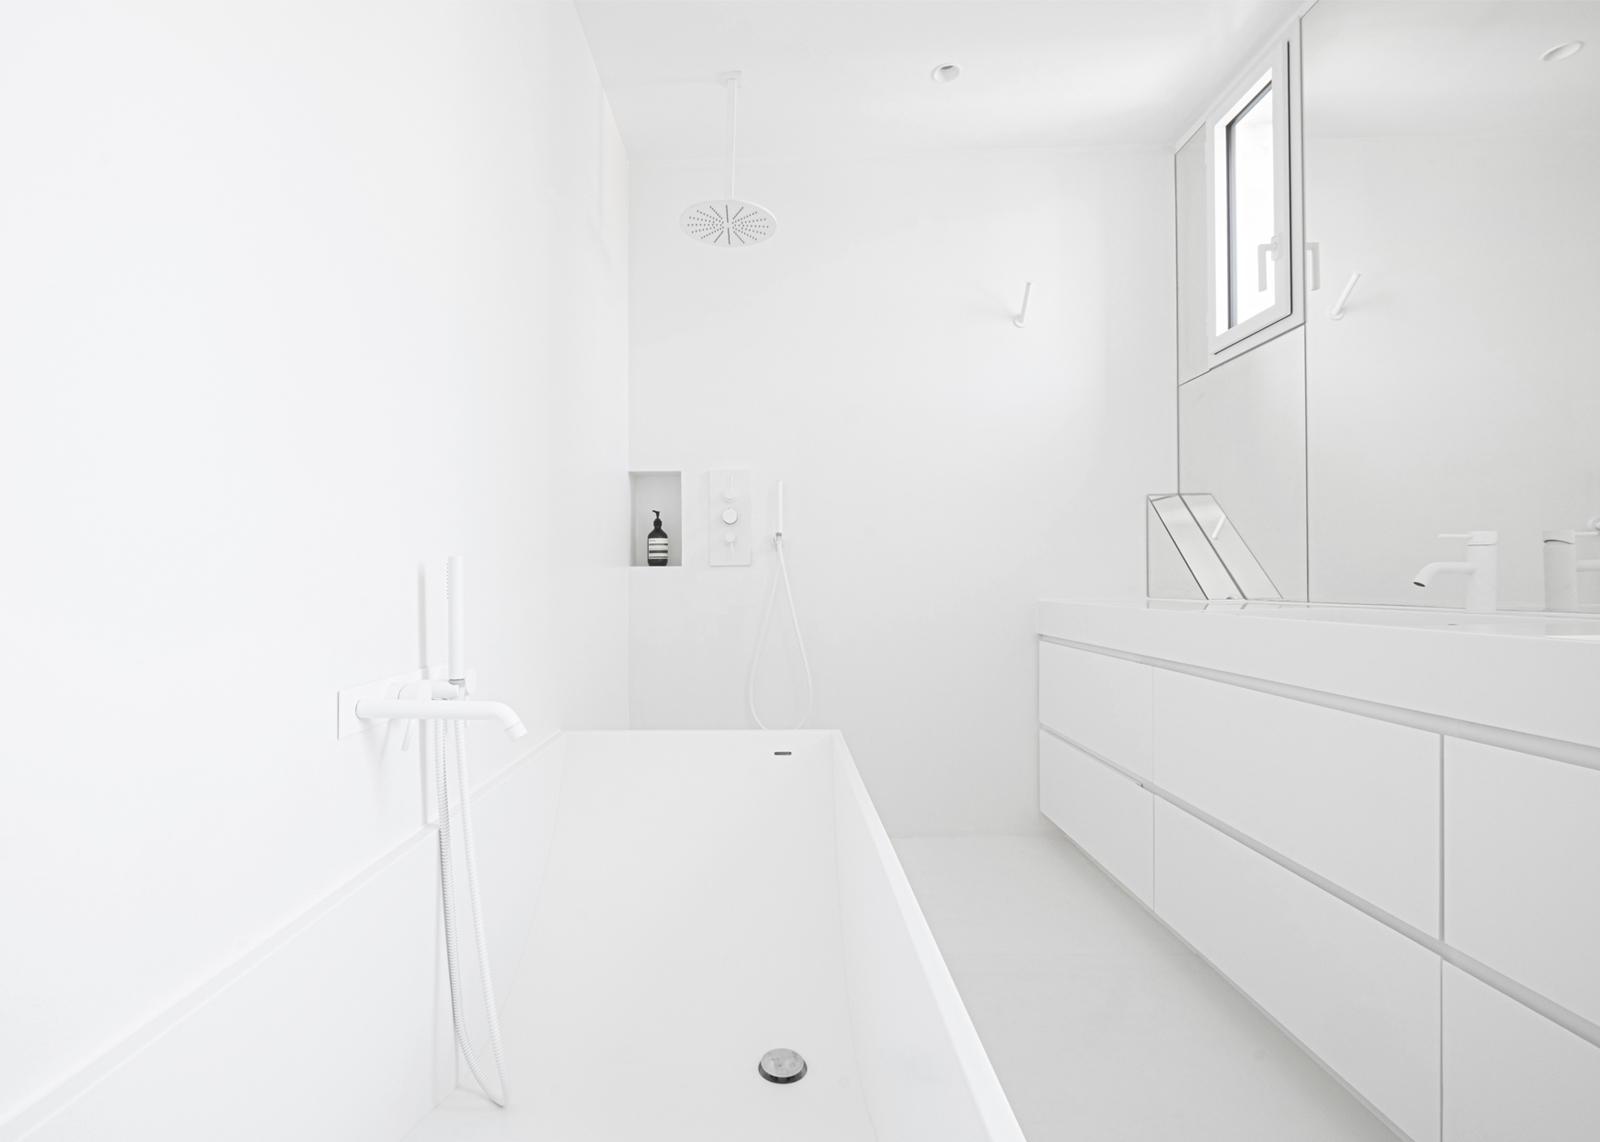 appartement S - heros architecture architecte parisien paris appartement logement rénovation réhabilitation extension restructuration minimaliste design épuré